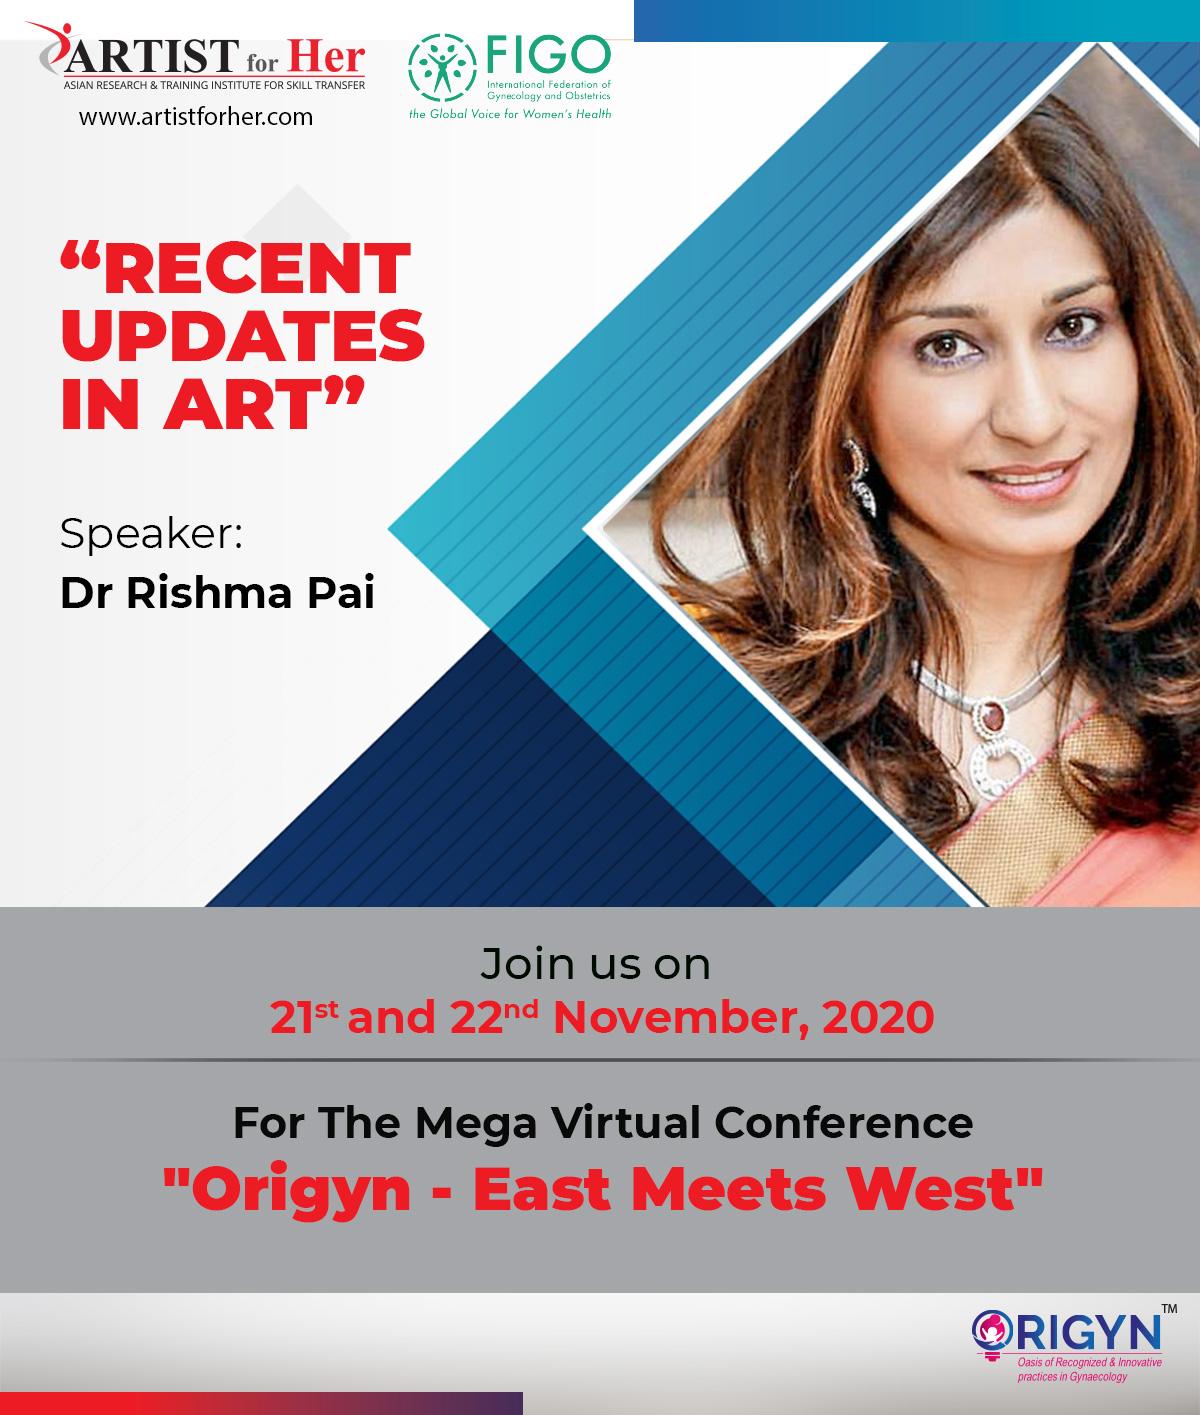 Dr Rishma Pai